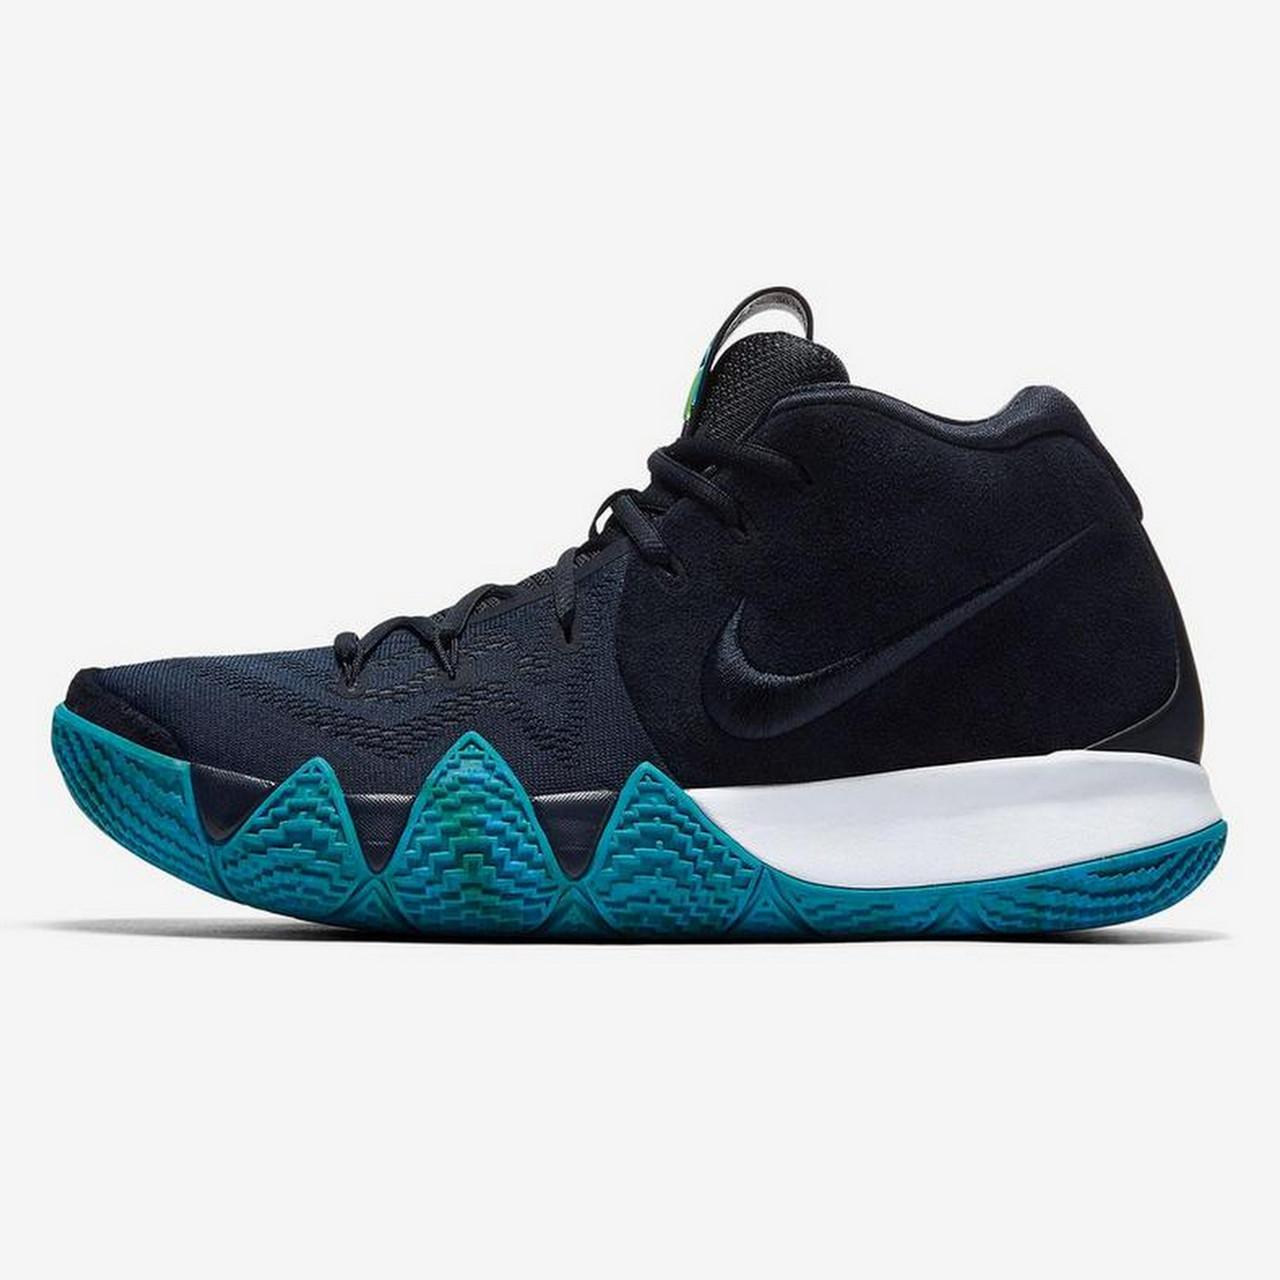 dcf536d6 баскетбольные кроссовки Nike Kyrie 4 Obsidian 943806 401 в стиле